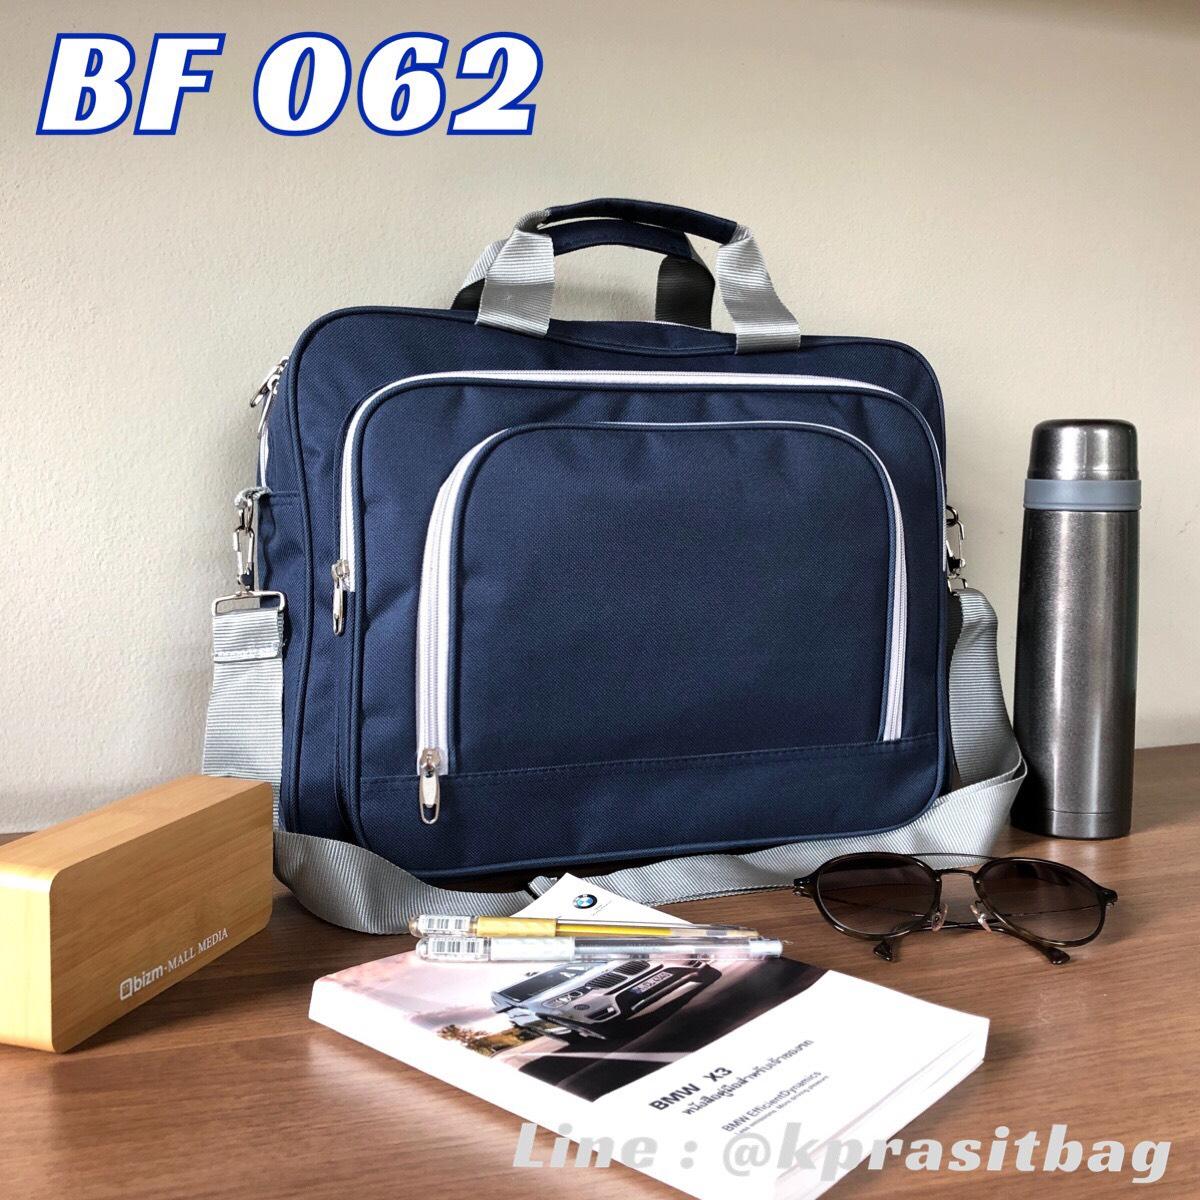 กระเป๋าใส่เอกสาร กระเป๋าอบรมสัมมนา BF 062